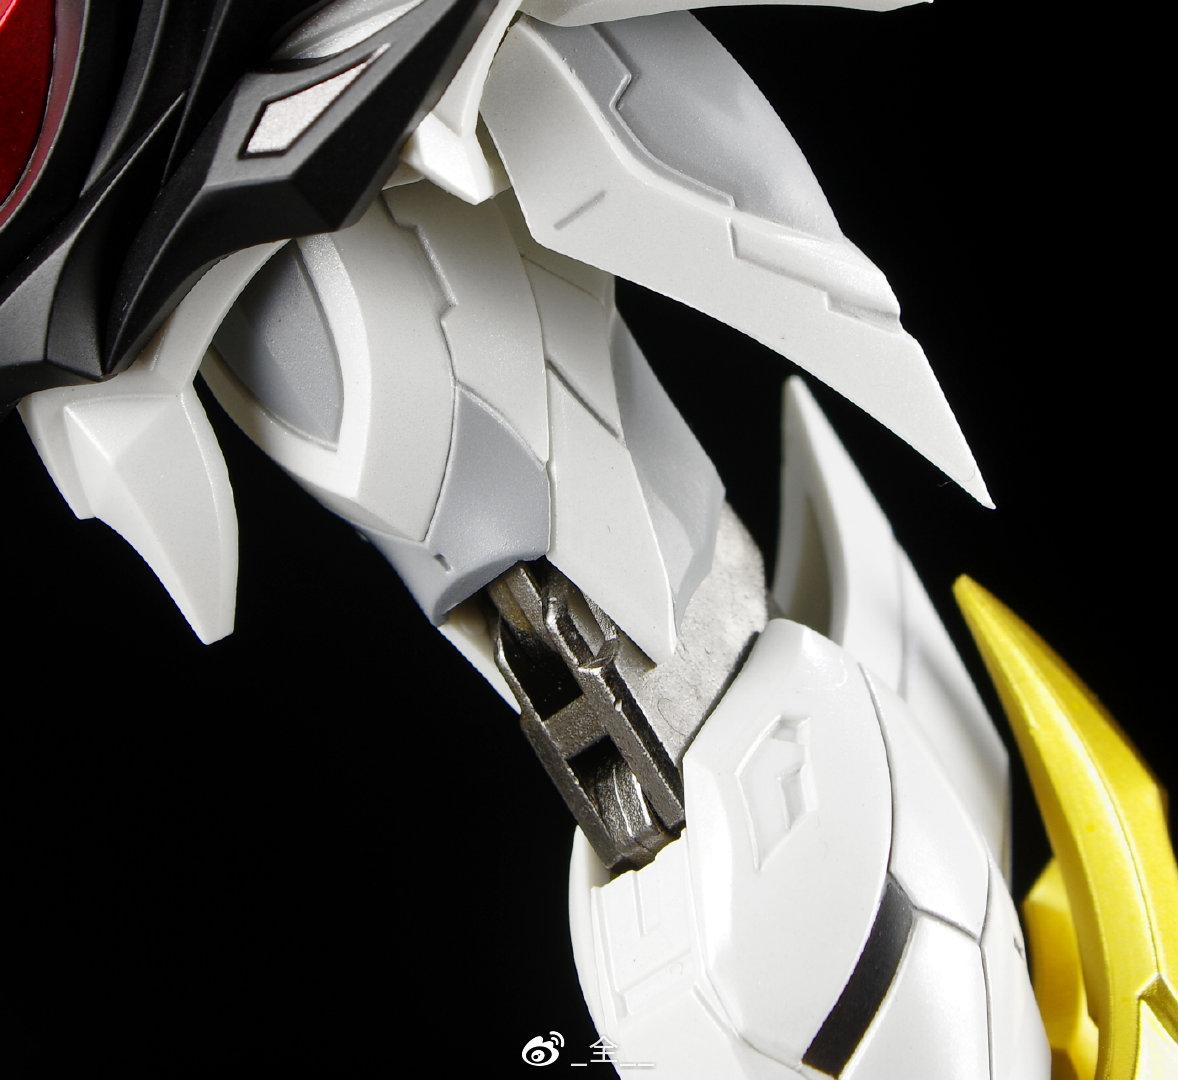 S318_MOTOR_NUCLEAR_048.jpg